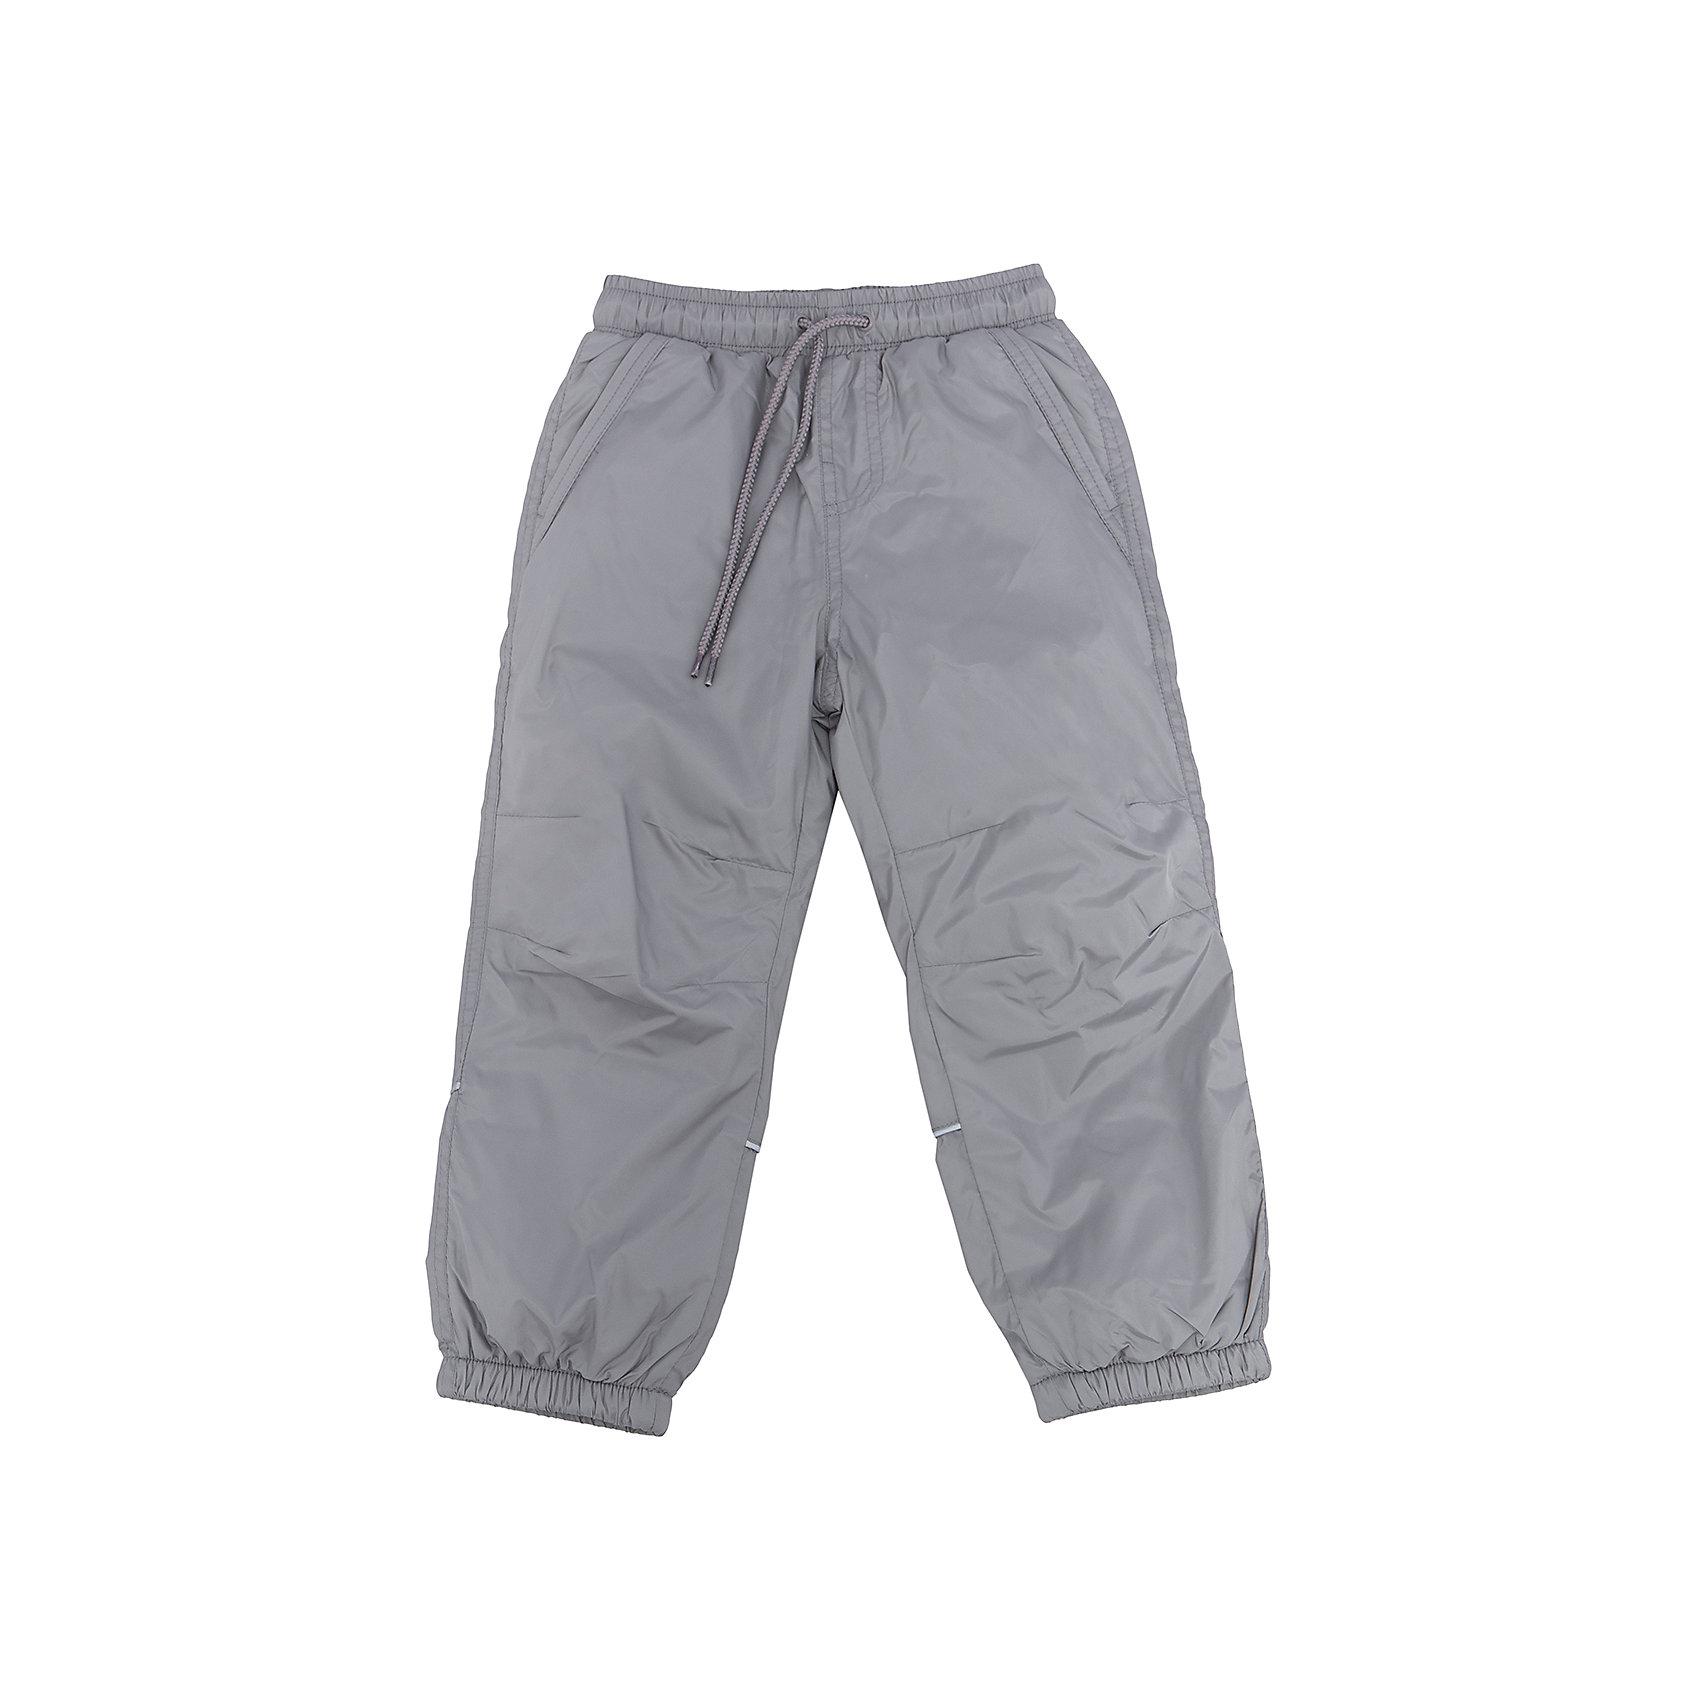 Брюки утепленные для мальчика SELAСпортивная одежда<br>Характеристики товара:<br><br>• цвет: серый<br>• состав: верх: 100% полиэстер, подкладка: 100% полиэстер<br>• температурный режим: от +5° до +15°С<br>• подкладка флис<br>• спортивный стиль<br>• имитация ширинки<br>• светоотражающие детали<br>• два втачных кармана<br>• сзади два накладных кармана на кнопке<br>• пояс: мягкая резинка со шнурком<br>• коллекция весна-лето 2017<br>• страна бренда: Российская Федерация<br><br>Вещи из новой коллекции SELA продолжают радовать удобством! Спортивные брюки помогут разнообразить гардероб и обеспечить комфорт. Они отлично сочетаются с майками, футболками, куртками. В составе материала - натуральный хлопок.<br><br>Одежда, обувь и аксессуары от российского бренда SELA не зря пользуются большой популярностью у детей и взрослых! Модели этой марки - стильные и удобные, цена при этом неизменно остается доступной. Для их производства используются только безопасные, качественные материалы и фурнитура. Новая коллекция поддерживает хорошие традиции бренда! <br><br>Брюки для мальчика от популярного бренда SELA (СЕЛА) можно купить в нашем интернет-магазине.<br><br>Ширина мм: 215<br>Глубина мм: 88<br>Высота мм: 191<br>Вес г: 336<br>Цвет: серый<br>Возраст от месяцев: 36<br>Возраст до месяцев: 48<br>Пол: Мужской<br>Возраст: Детский<br>Размер: 104,116,110,98,92<br>SKU: 5302662